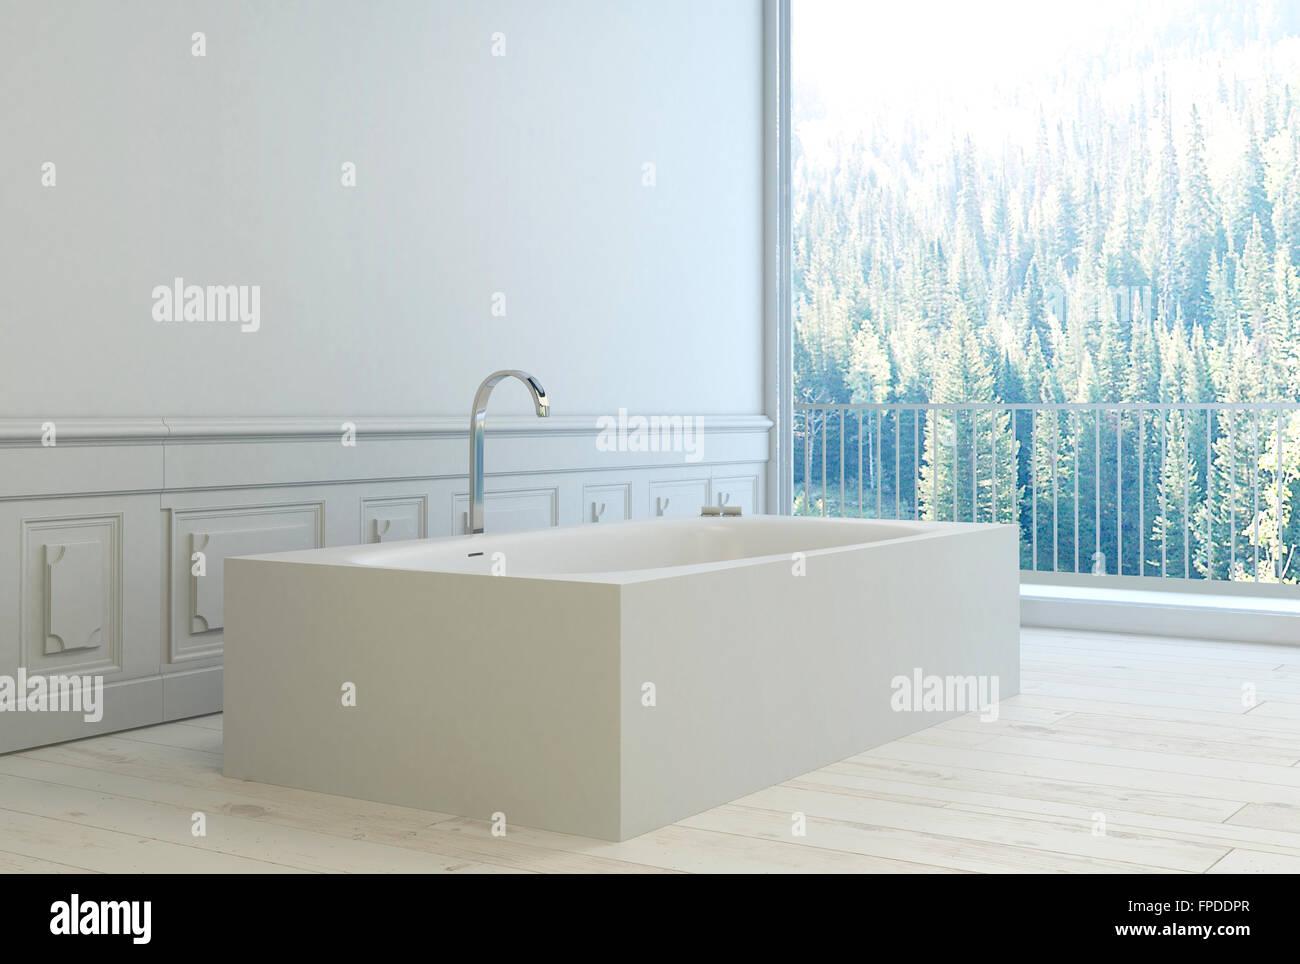 Boiserie Bagno Moderno : Moderno e minimalista bagno bianco interno con boiserie in legno